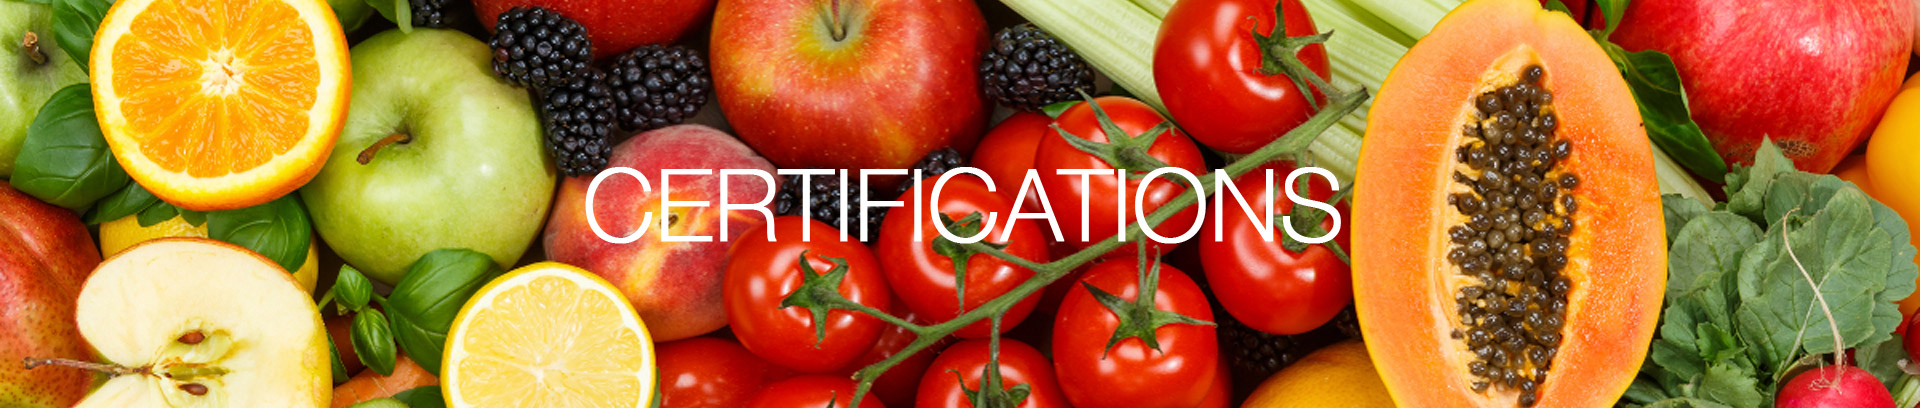 intestazione-certifications-agroama-oranizzazione-produttori